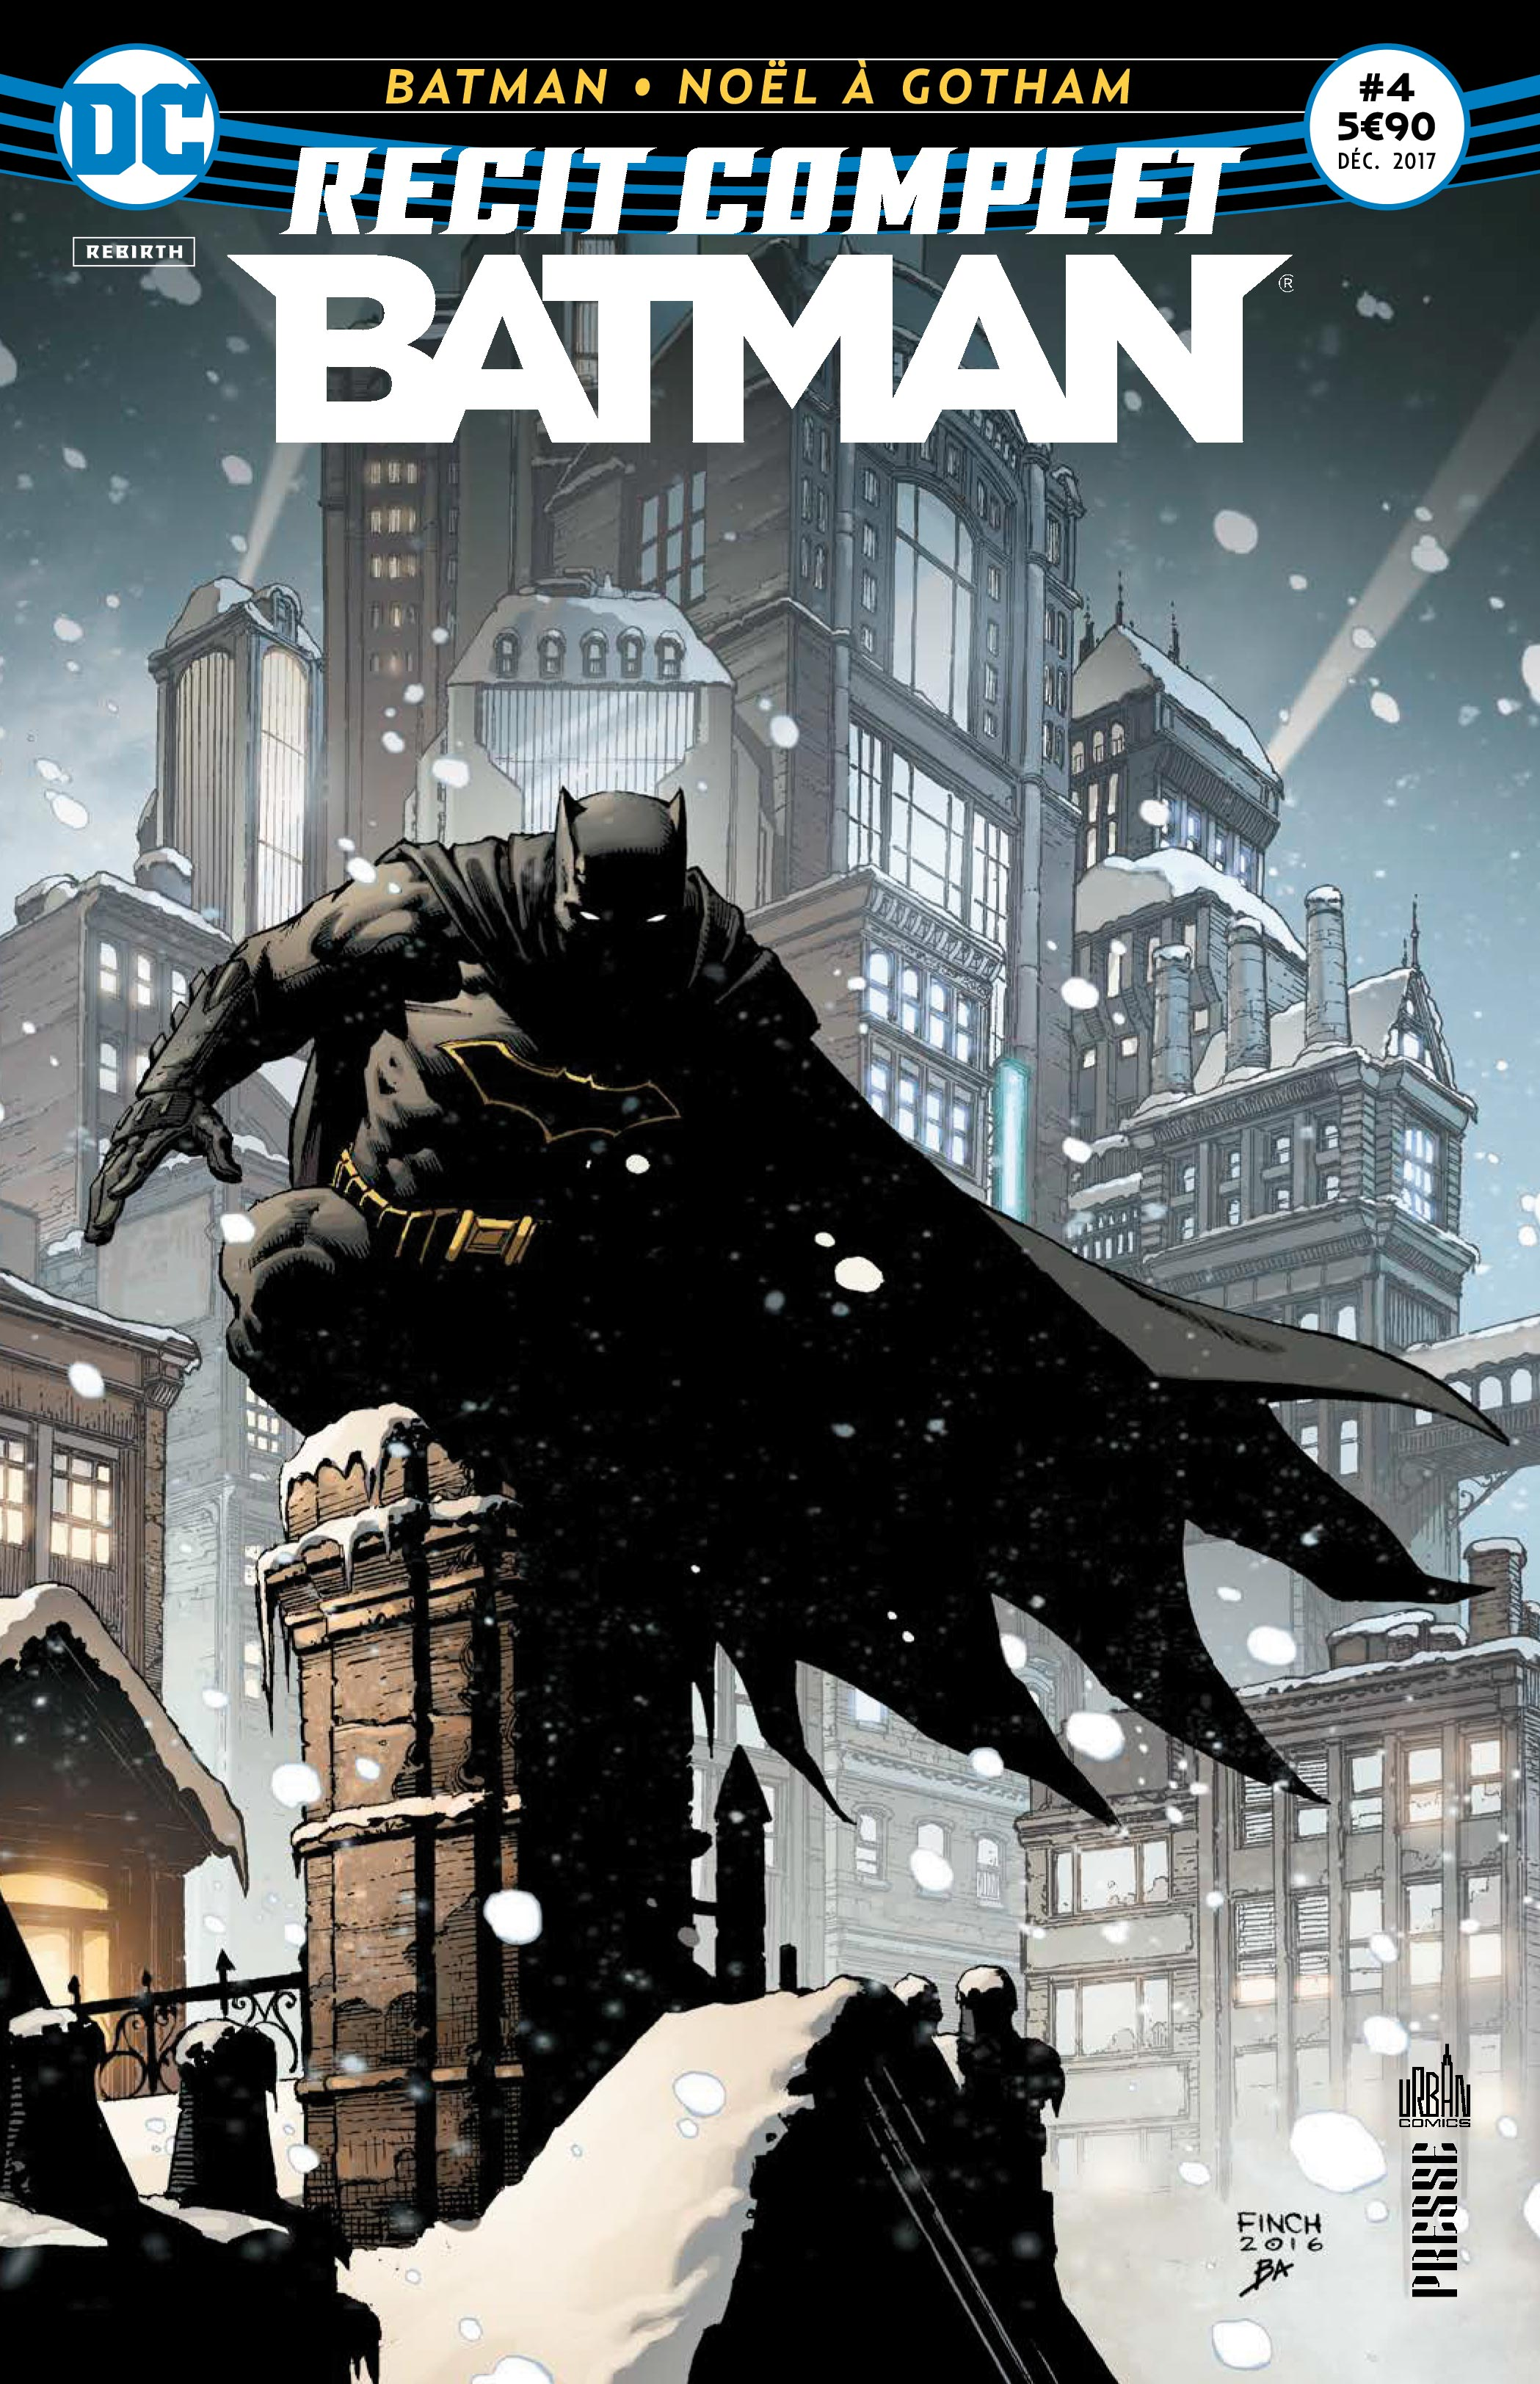 Récit Complet Batman 4 - Noël à Gotham